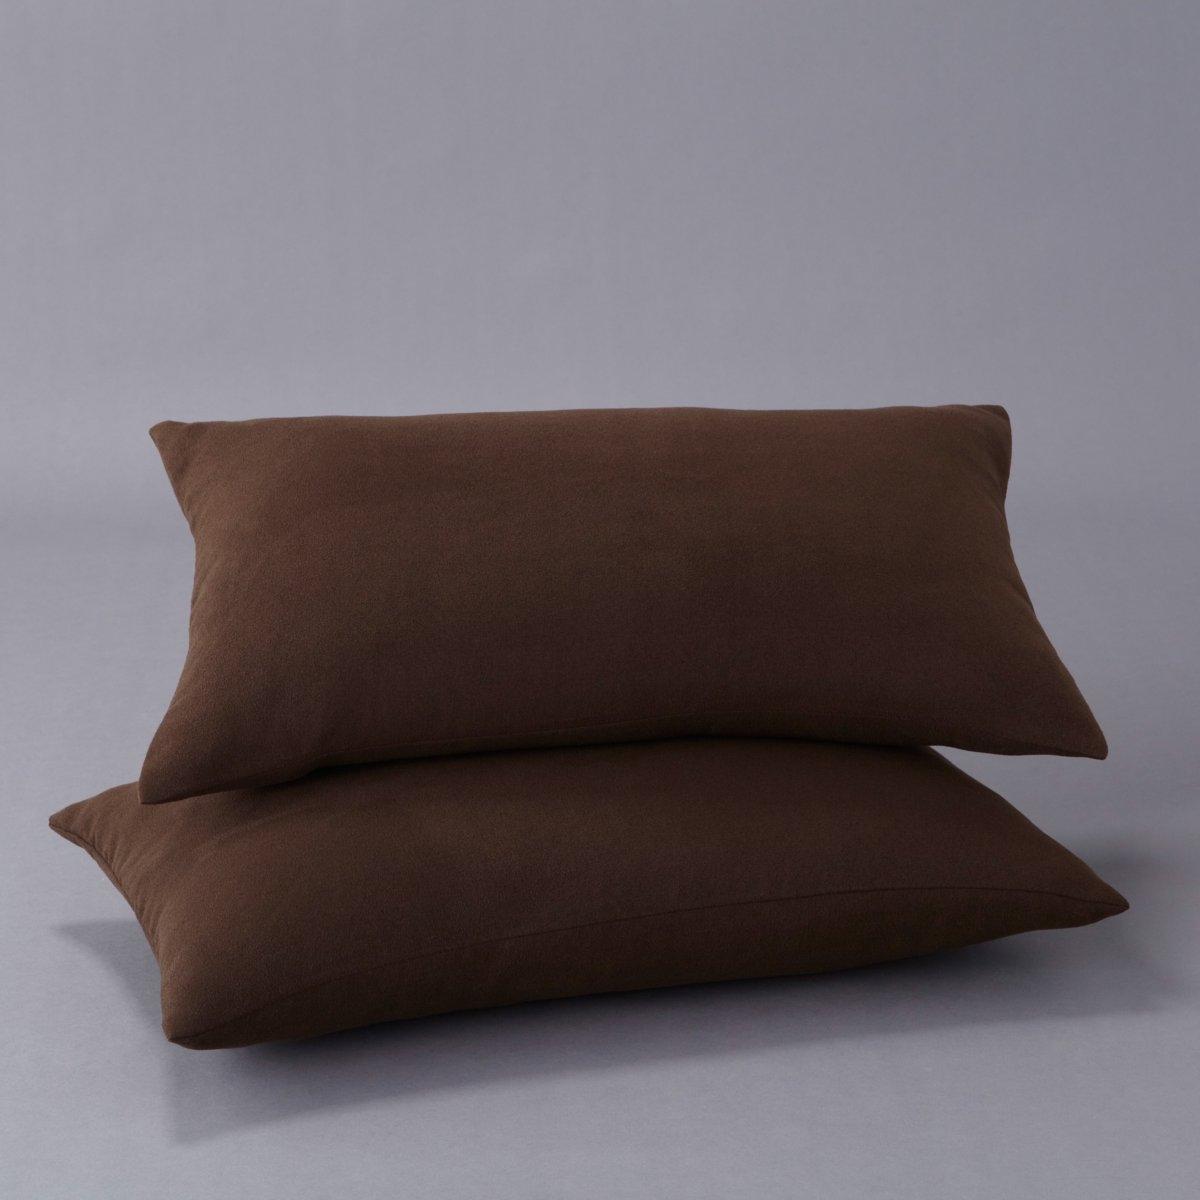 2 чехла для подушек-подлокотниковКачество VALEUR S?RE. Подарите новую жизнь вашему дивану, всего лишь заменив чехол! Наполнитель из полиэстера, 120 г/м?. Искусственная замша, 100% полиэстера. Стирка при 30°. 2 размера: аккордеон: 50 х 30 см и книжка: 60 х 40 см. Застежка на молнию.<br><br>Цвет: серый жемчужный